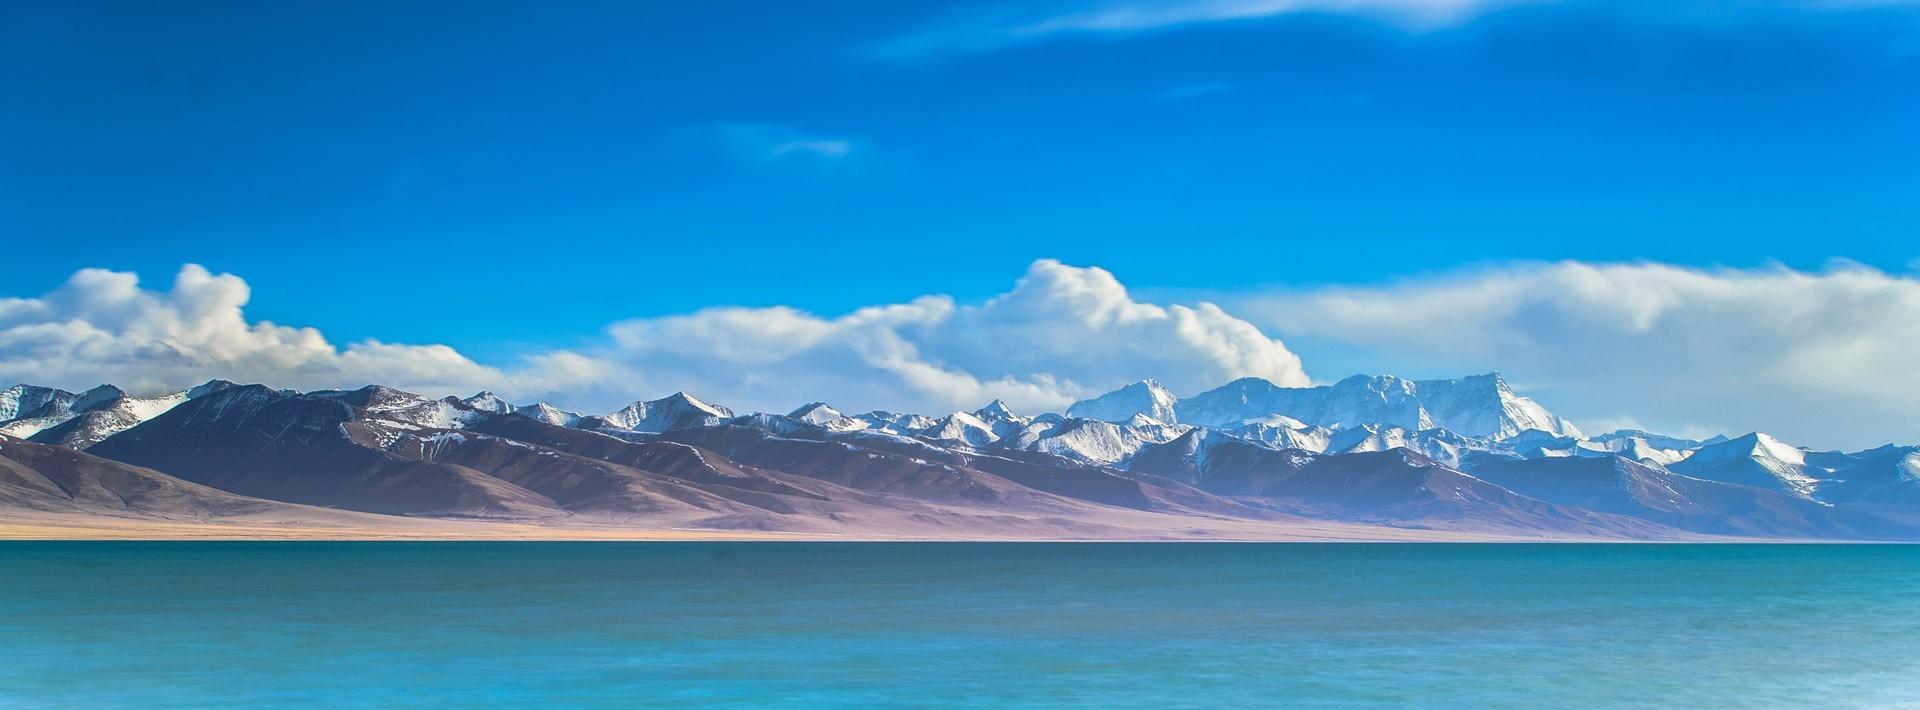 Kailash Manasarovar Tour via Lhasa